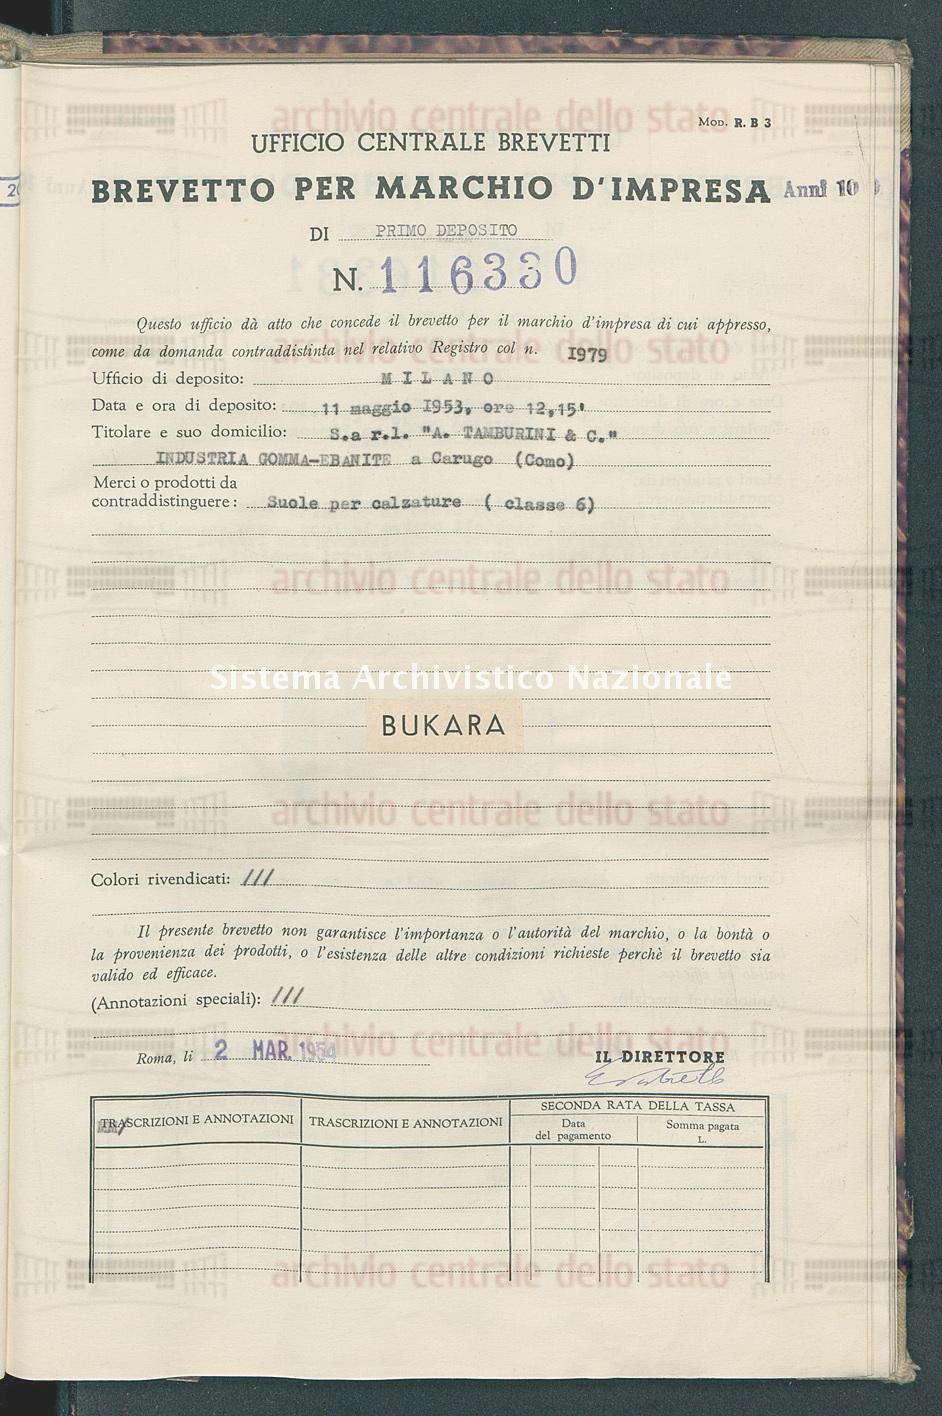 Suole per calzature S.A R.L. 'A.Tamburini & C.'Industria Gomma-Ebanite (02/03/1954)